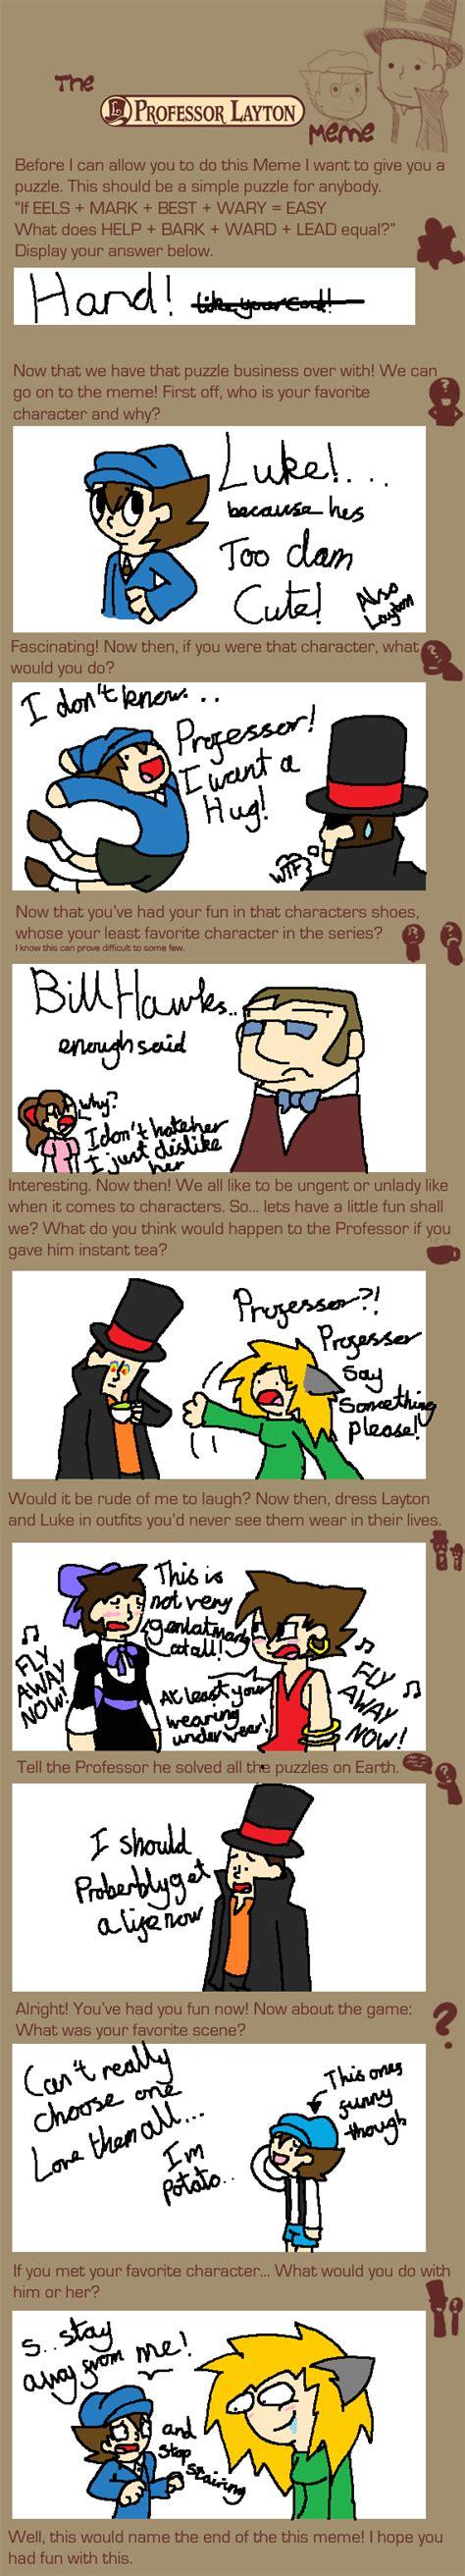 Professor Layton Meme - a professor layton meme read description by